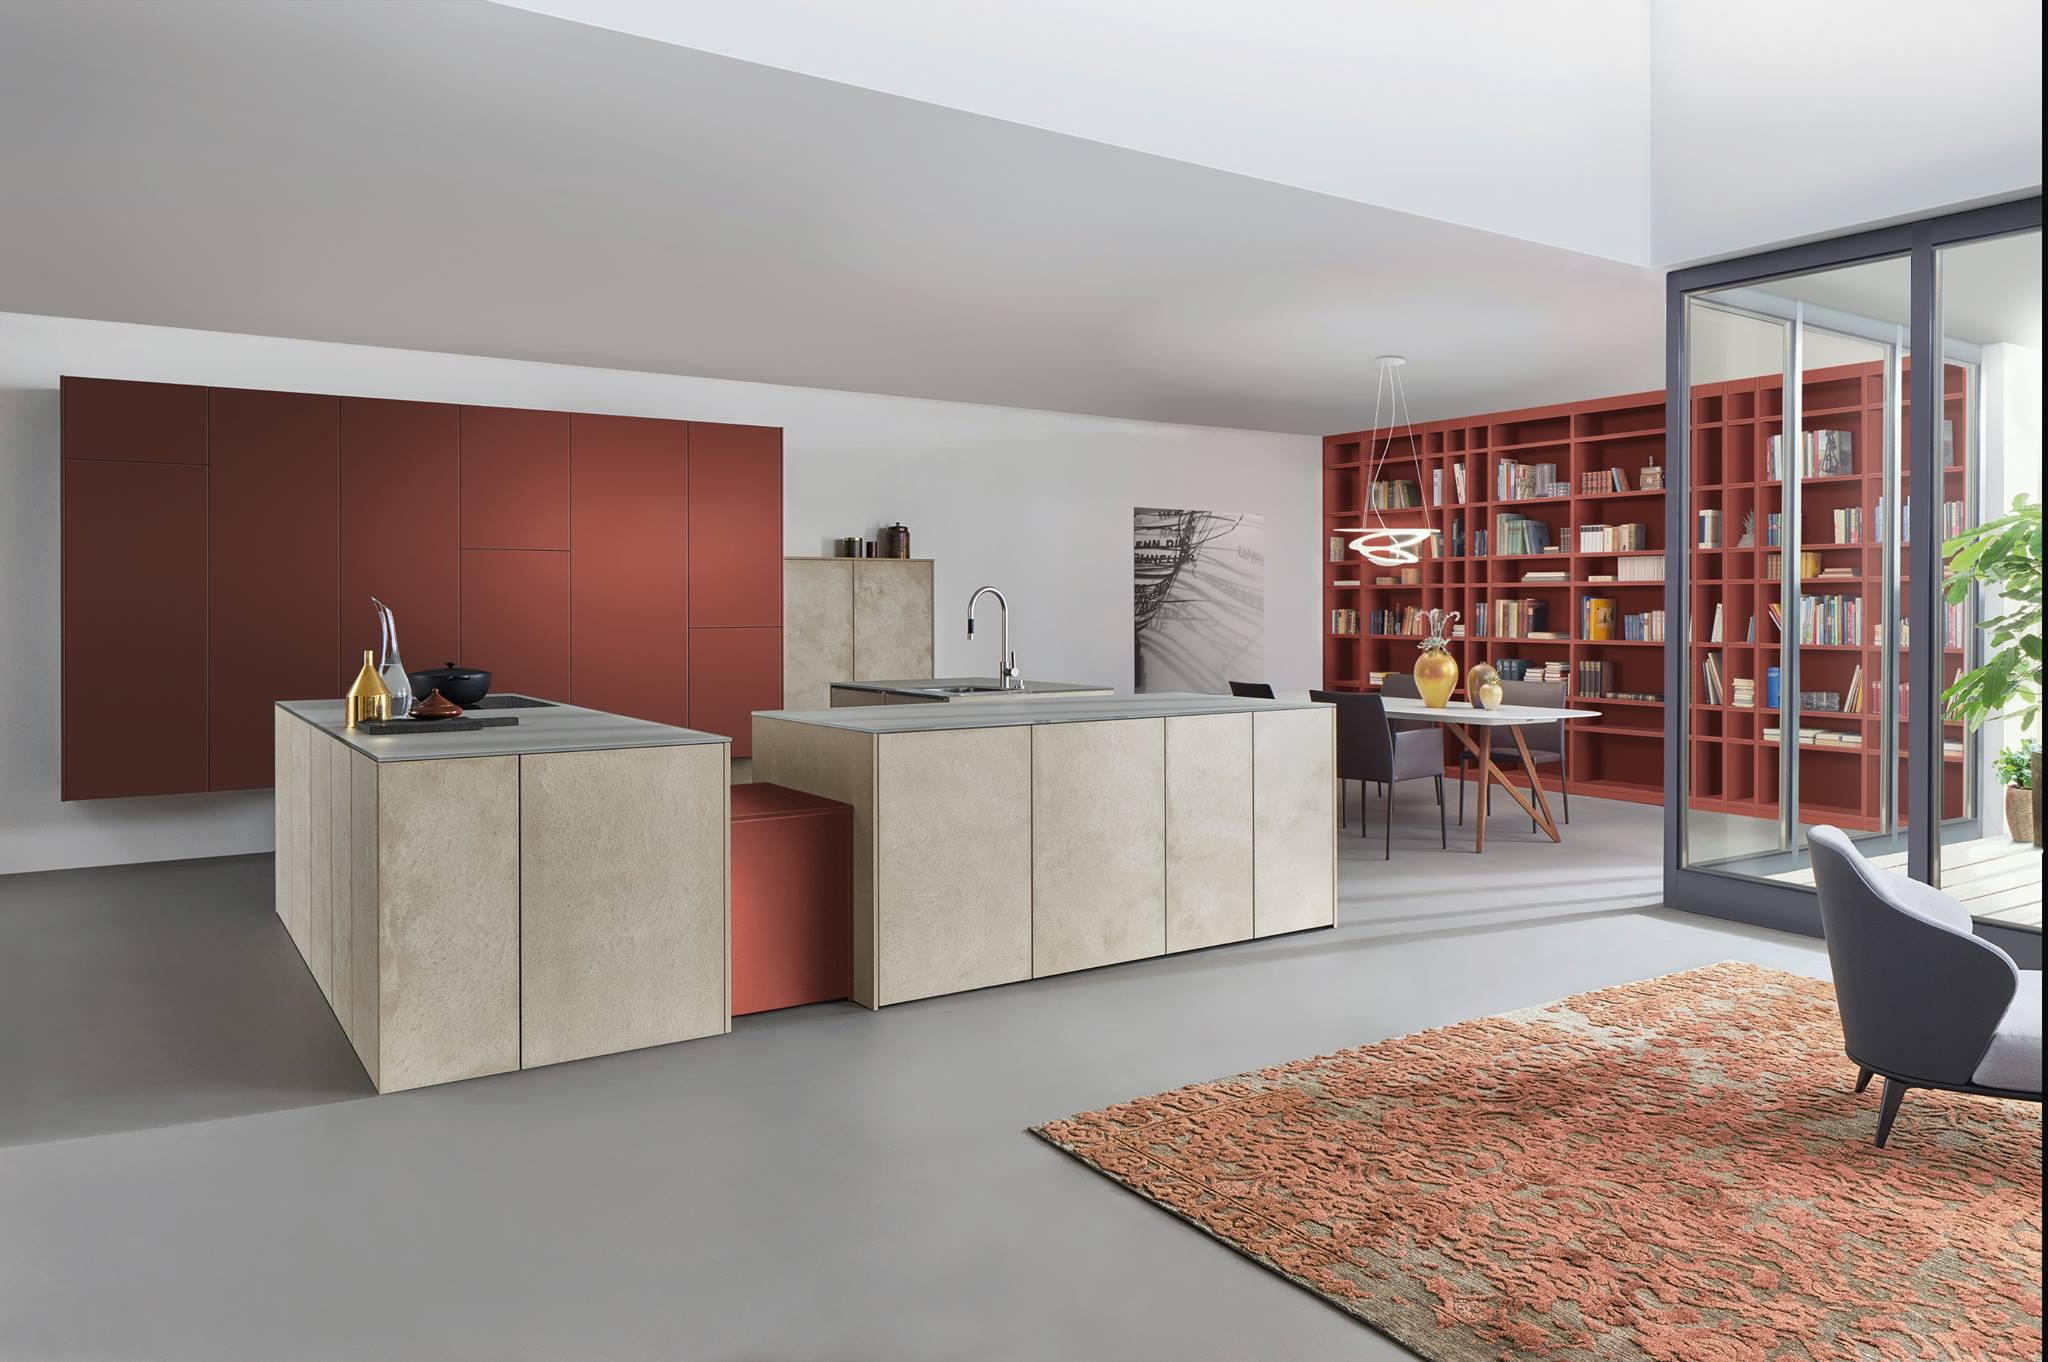 Cuisine Leicht sans poignées, lignes épurées pour le modèle TOPOS associé à une couleur Le Corbusier exclusivement chez les Cuisines Leicht